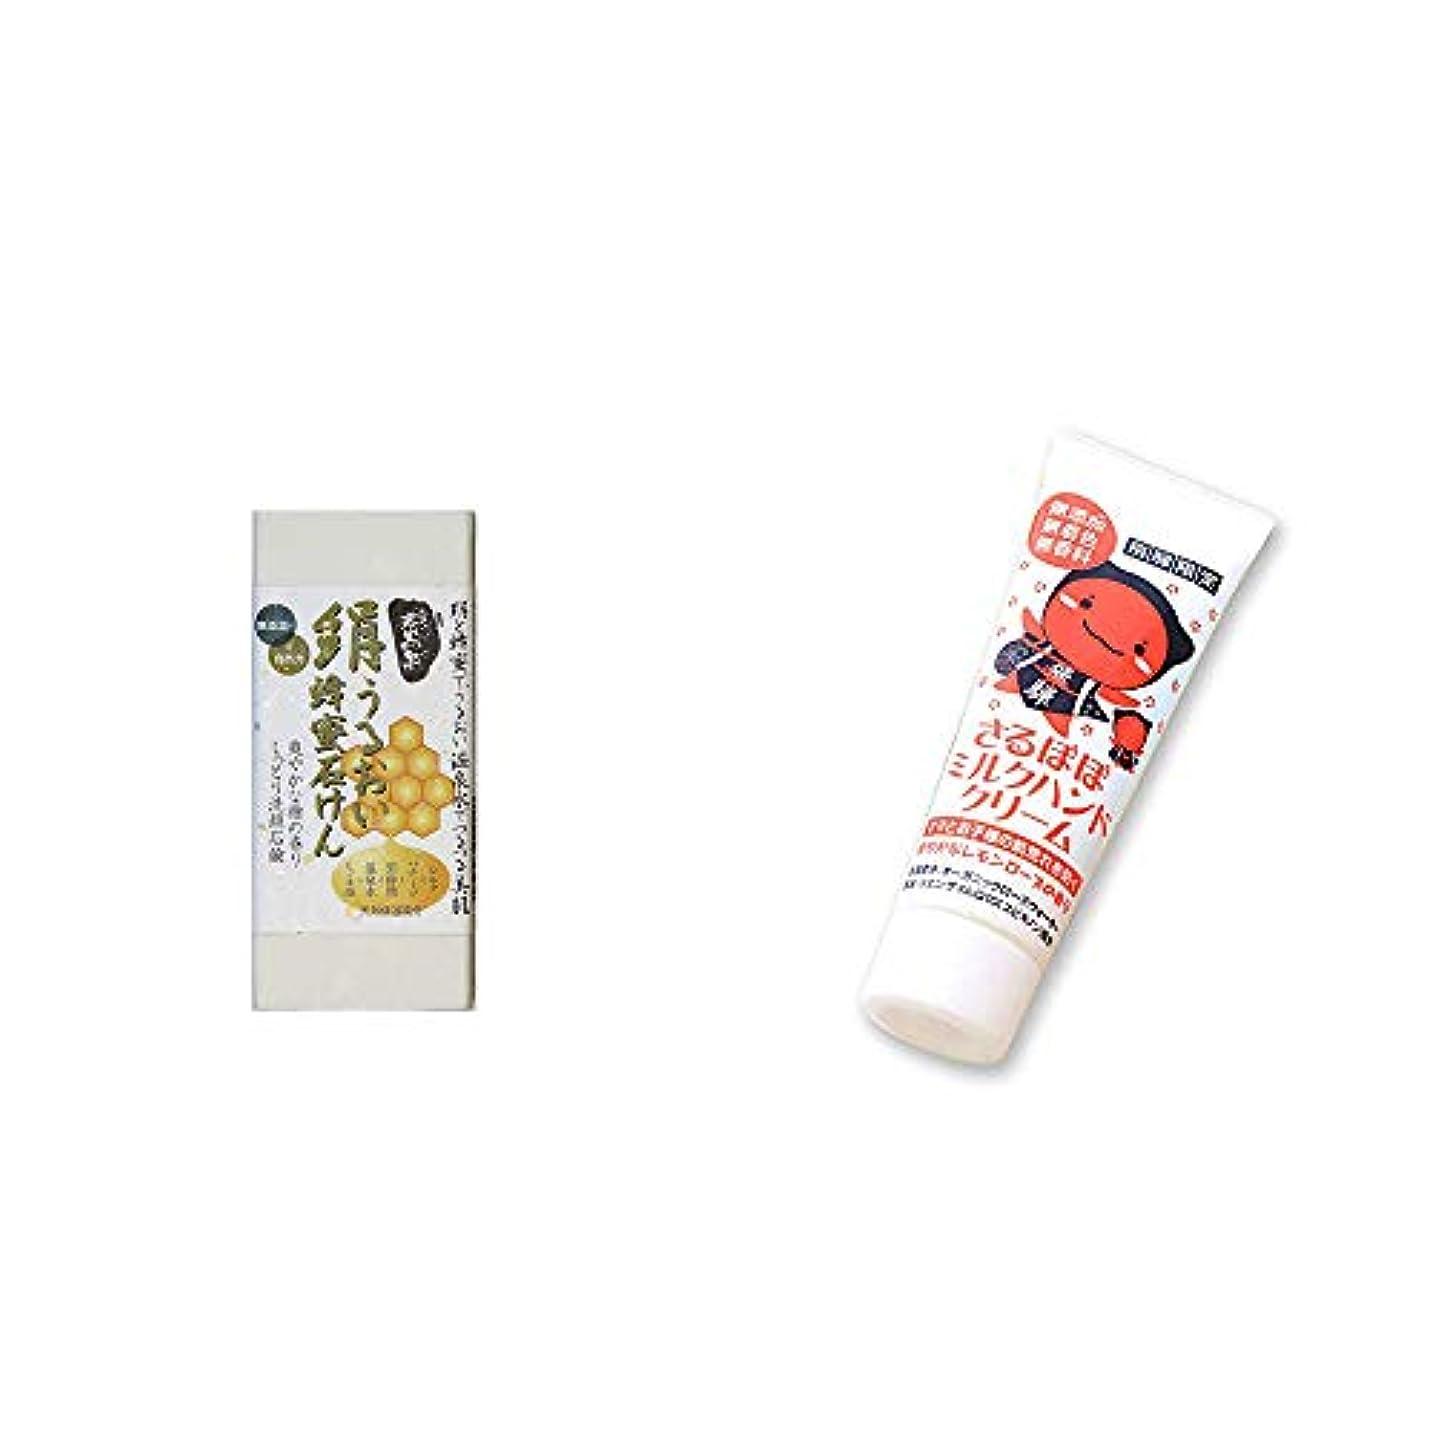 ルビー切り離すで[2点セット] ひのき炭黒泉 絹うるおい蜂蜜石けん(75g×2)?さるぼぼ ミルクハンドクリーム(50g)